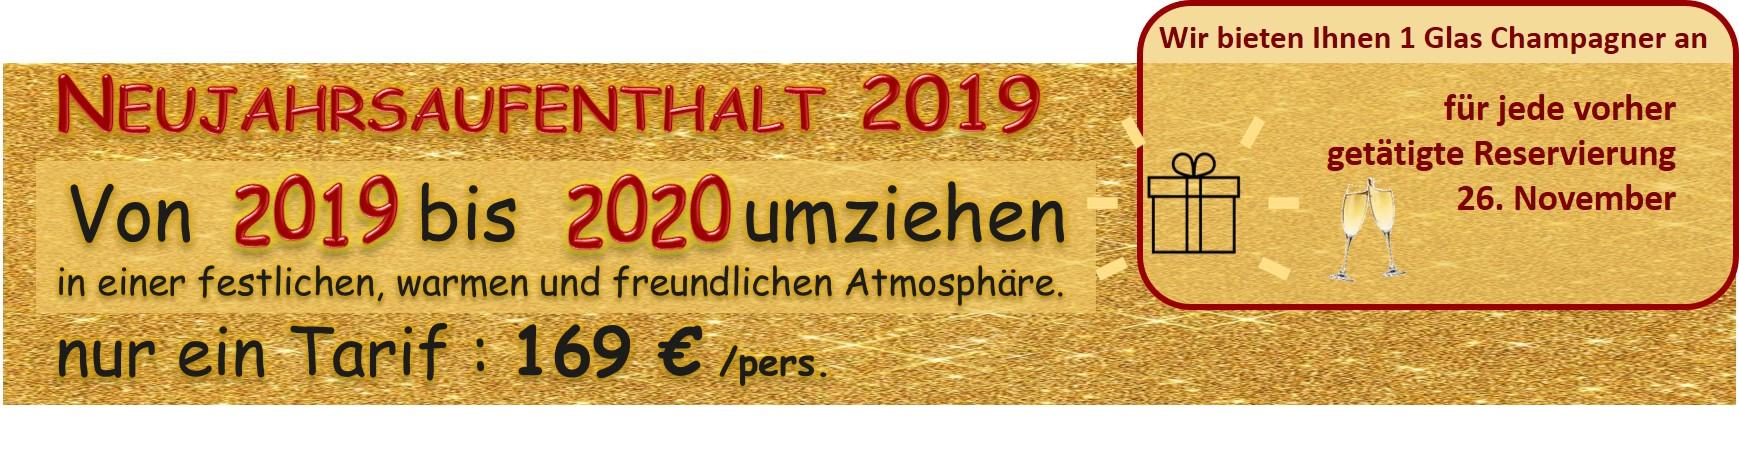 Neujahrsaufenthalt 2019